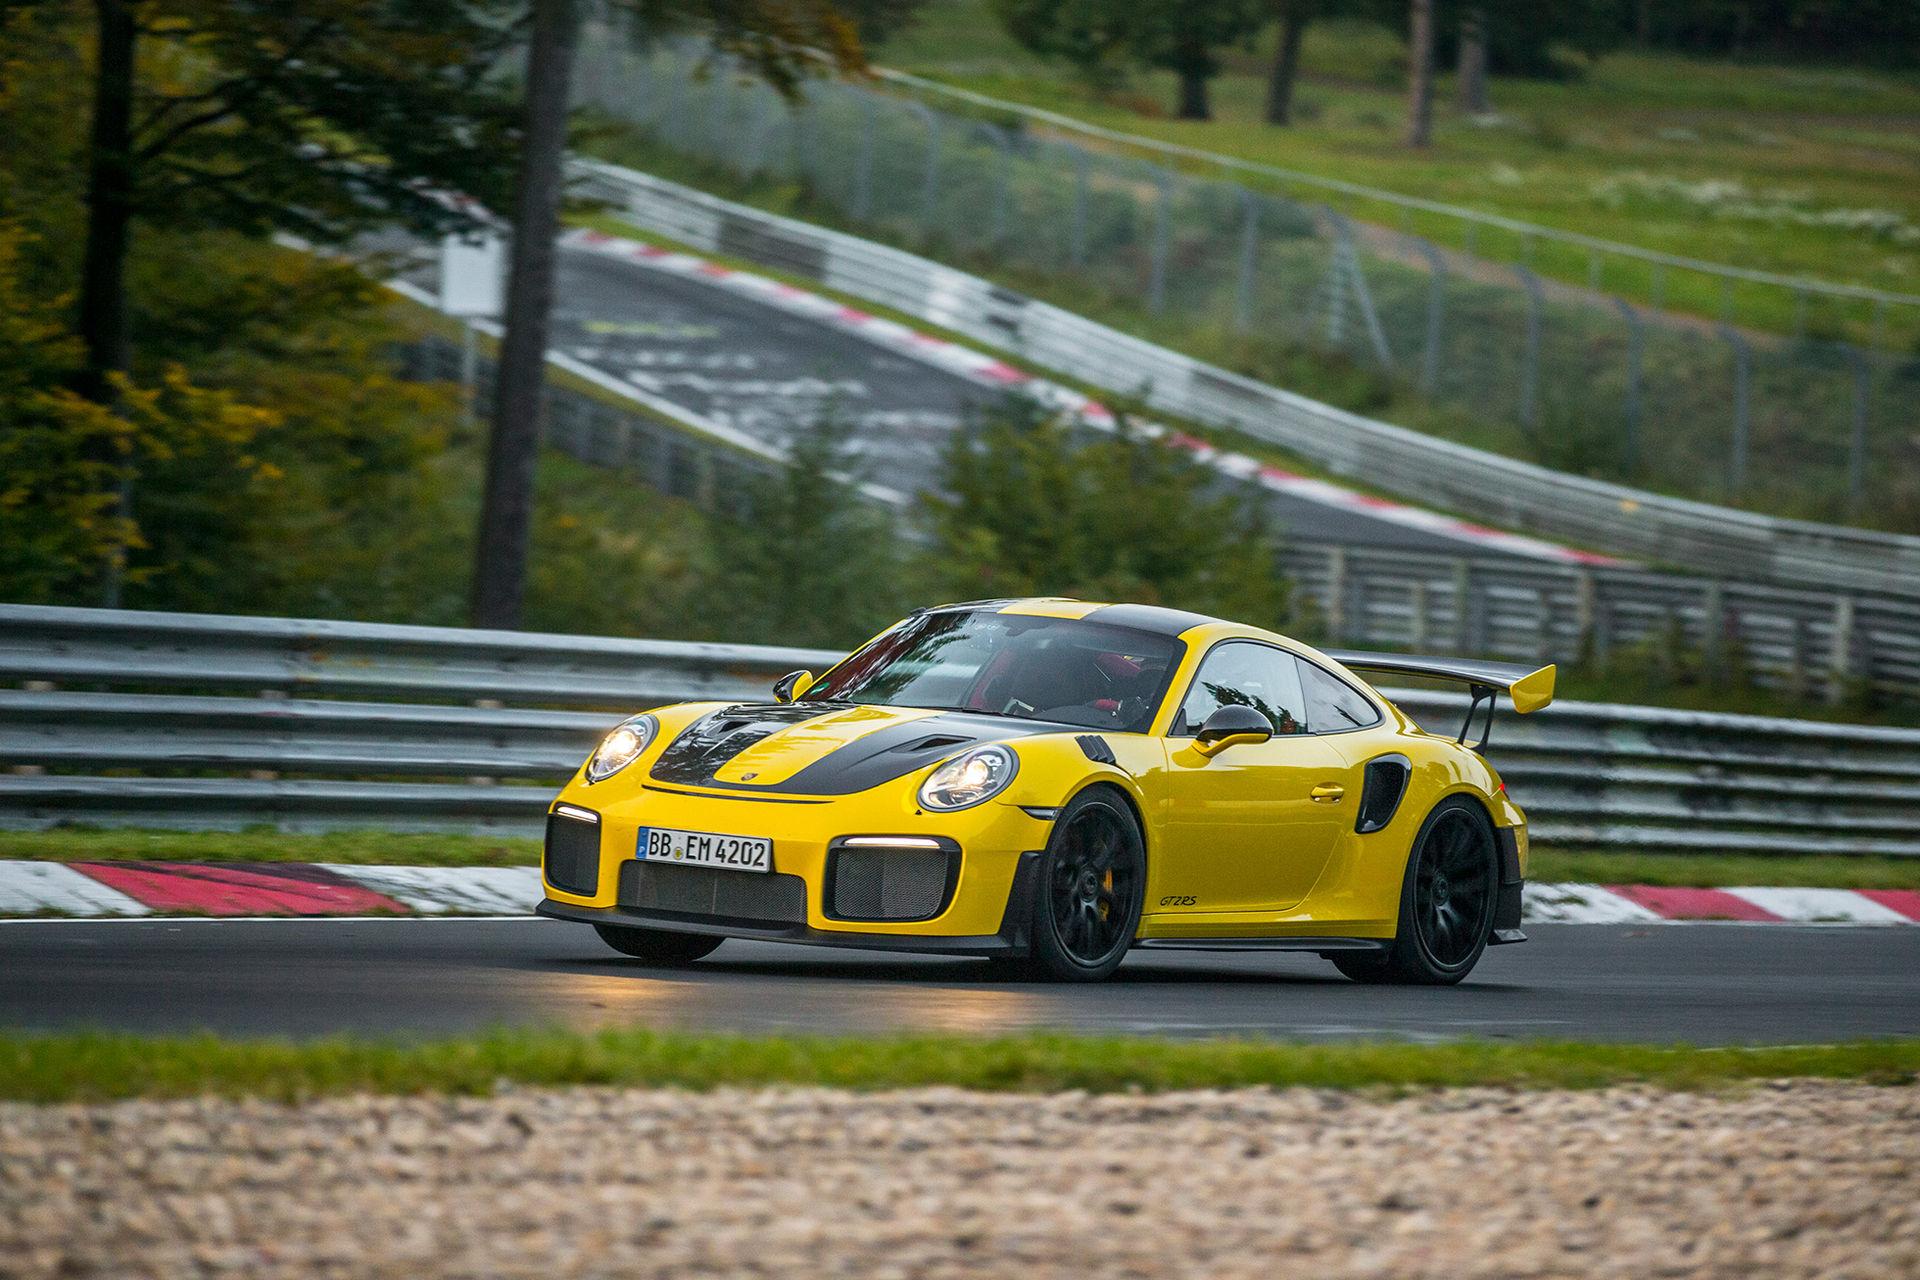 Nya Porsche 911 GT2 RS är snabbast runt Nürburgring